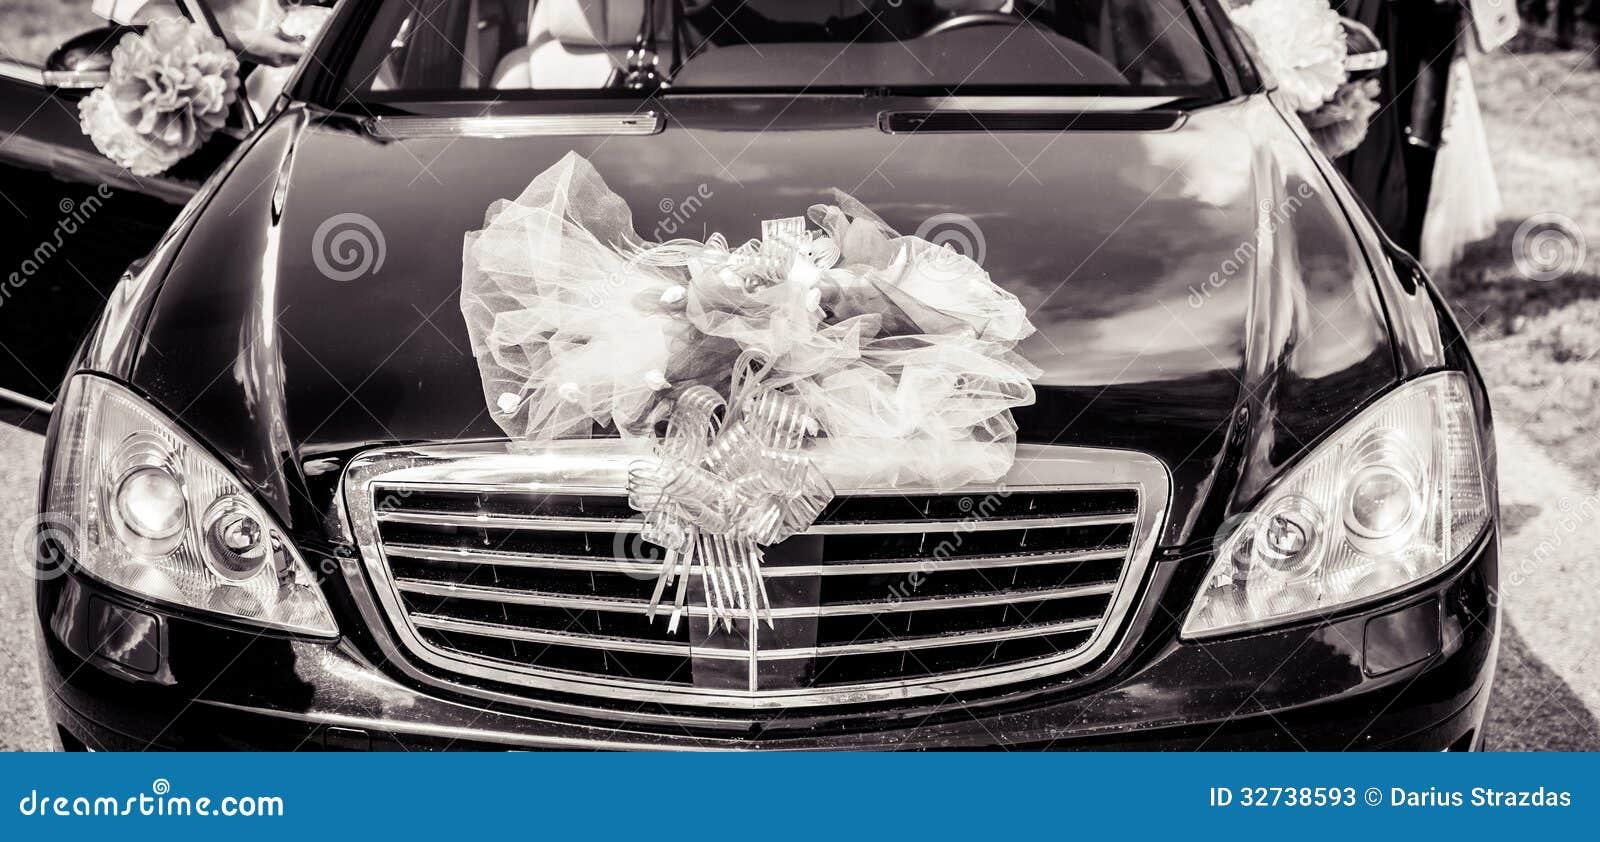 Huwelijksauto